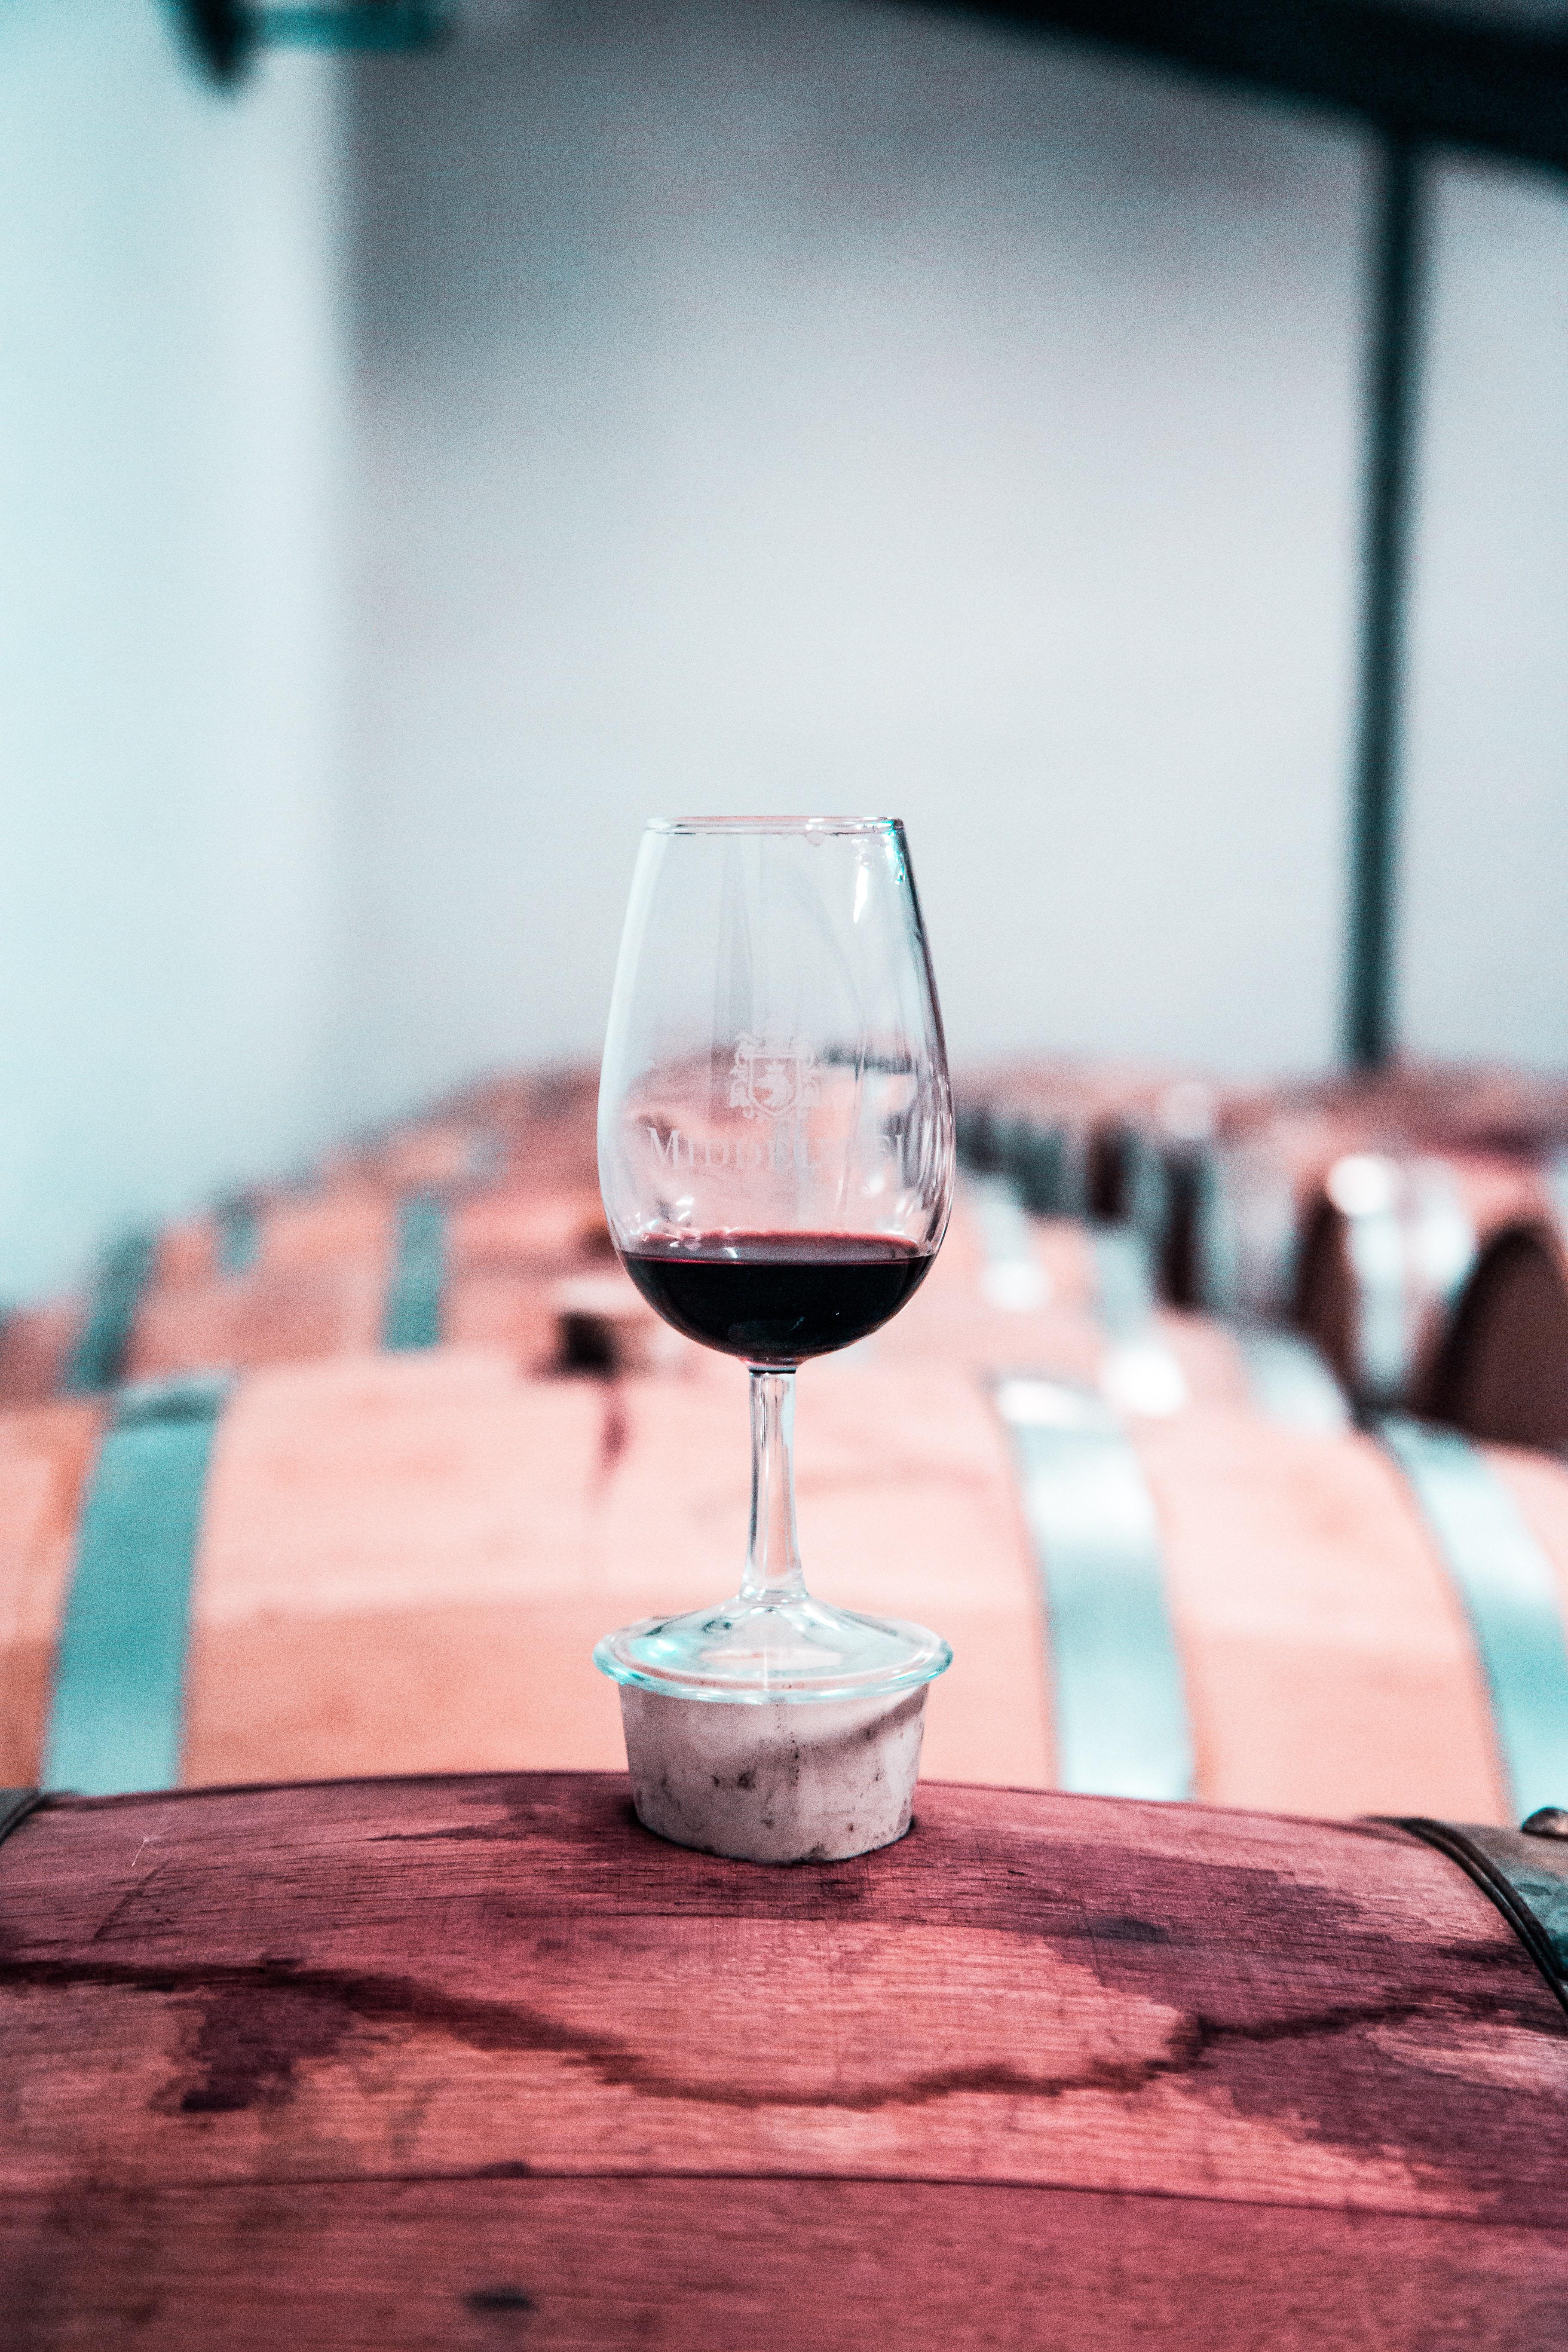 Tasting 2 vins